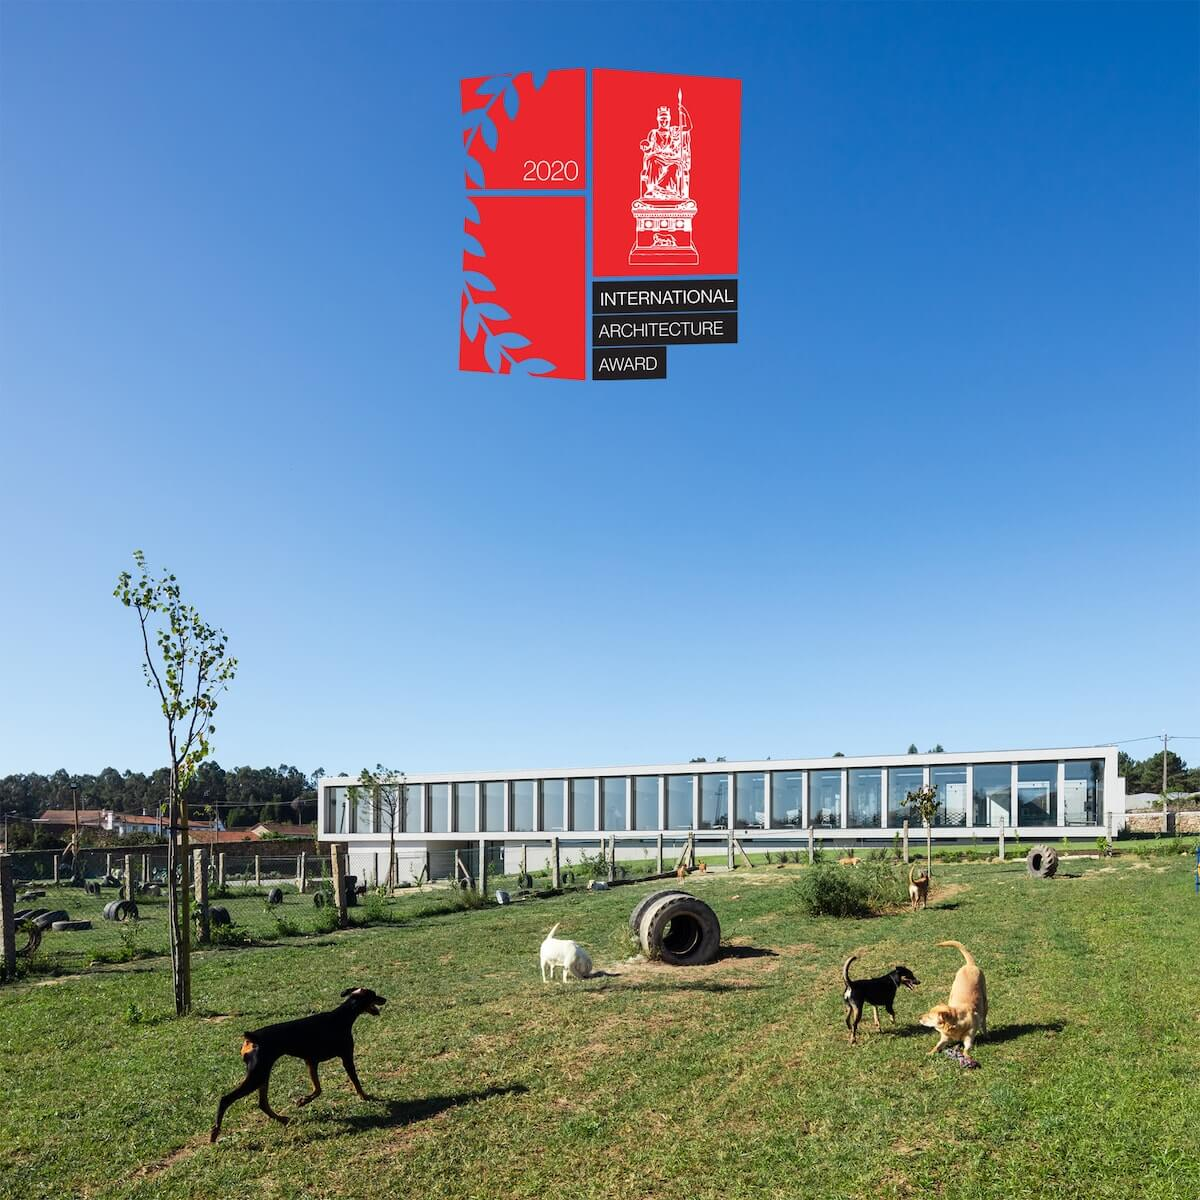 Hotel Canino e Felino vence o Prémio International Architecture Award 2020